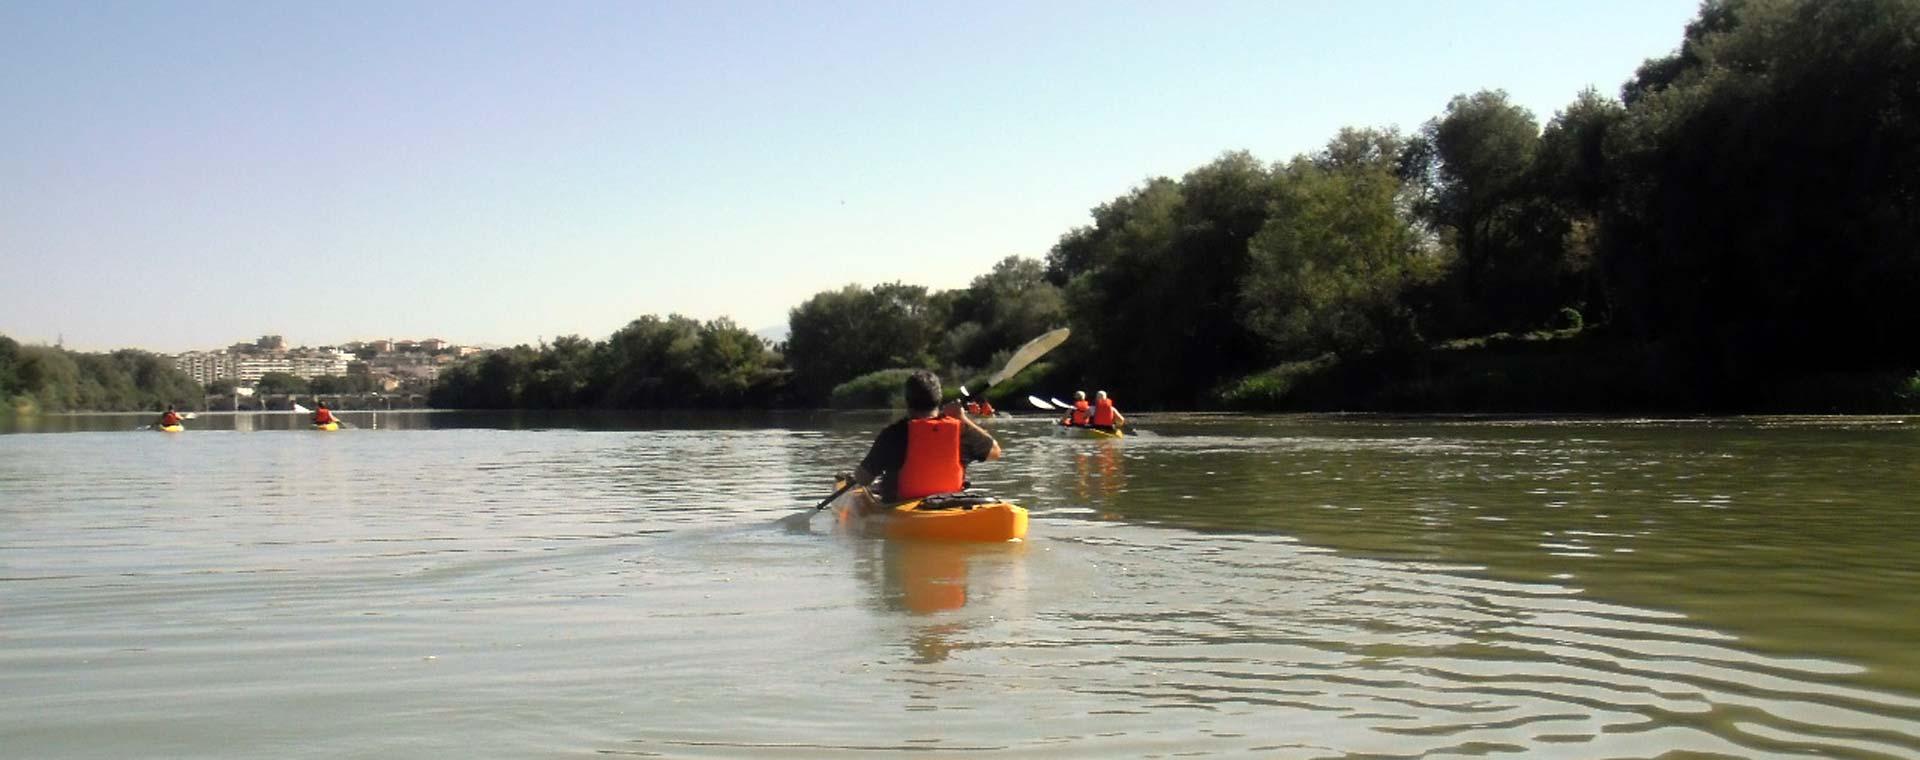 Kayak: Cenicero – Lapuebla de la Barca